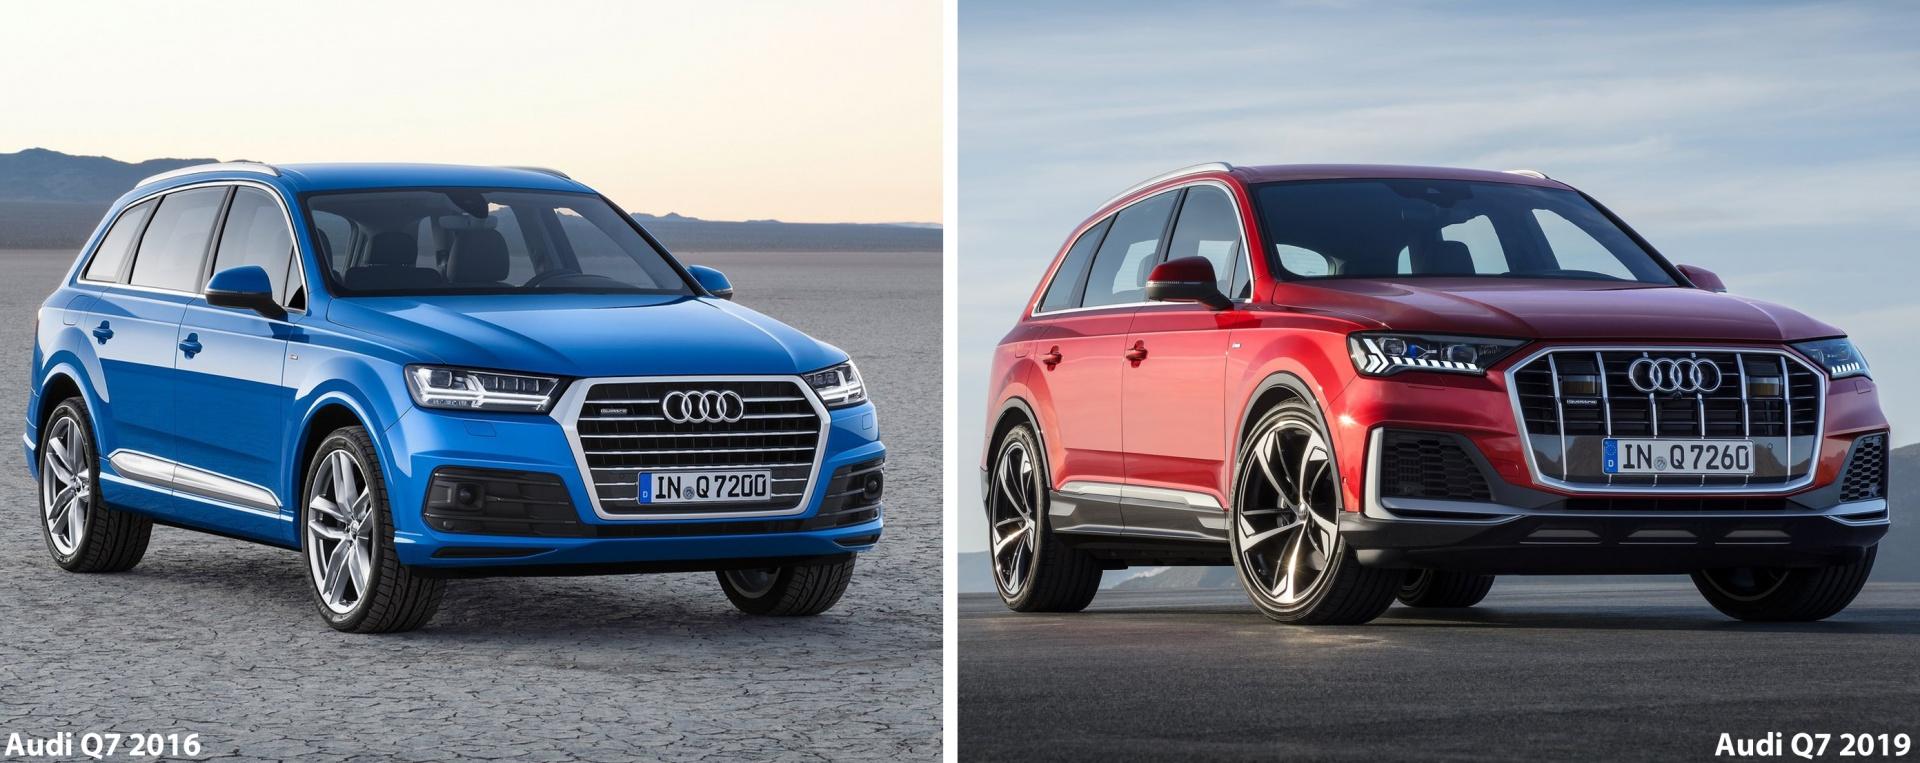 Обновлённый Audi Q7 2019